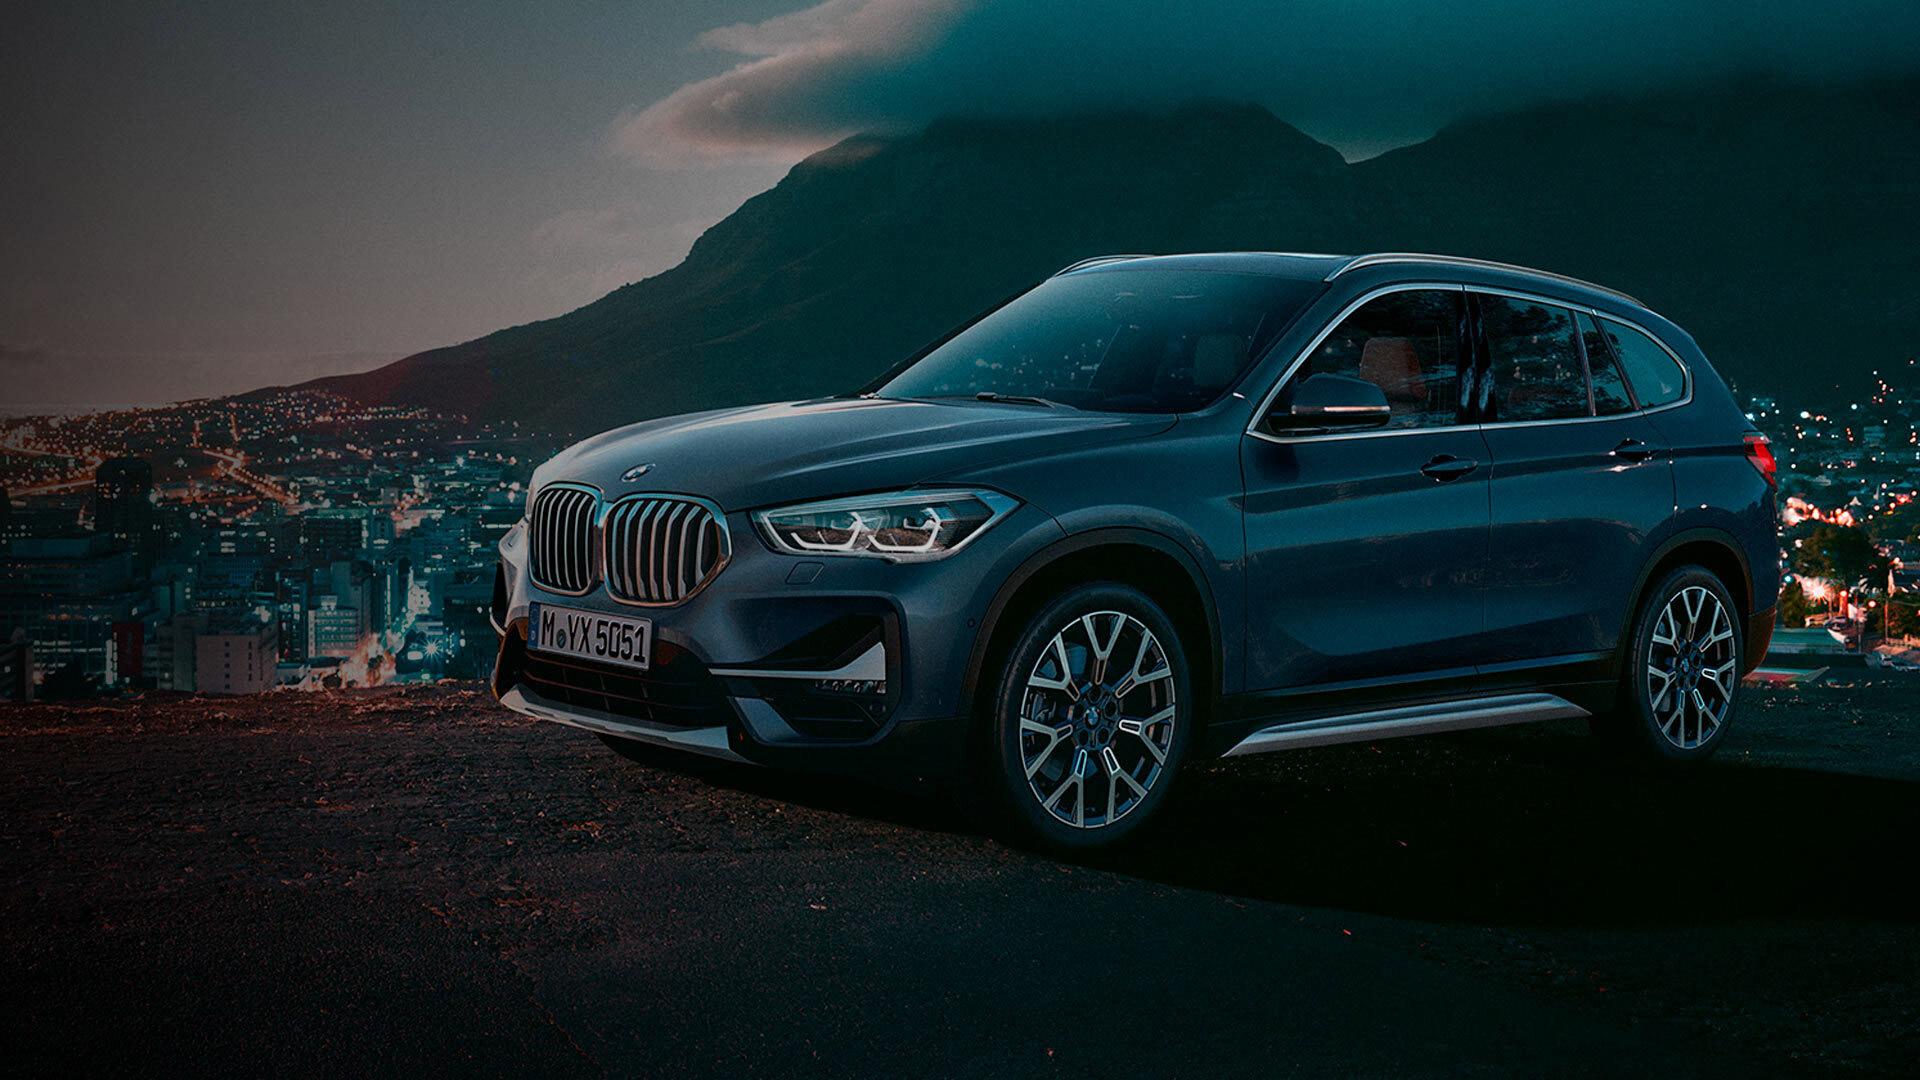 BMW X1 PLUG-IN HYBRID